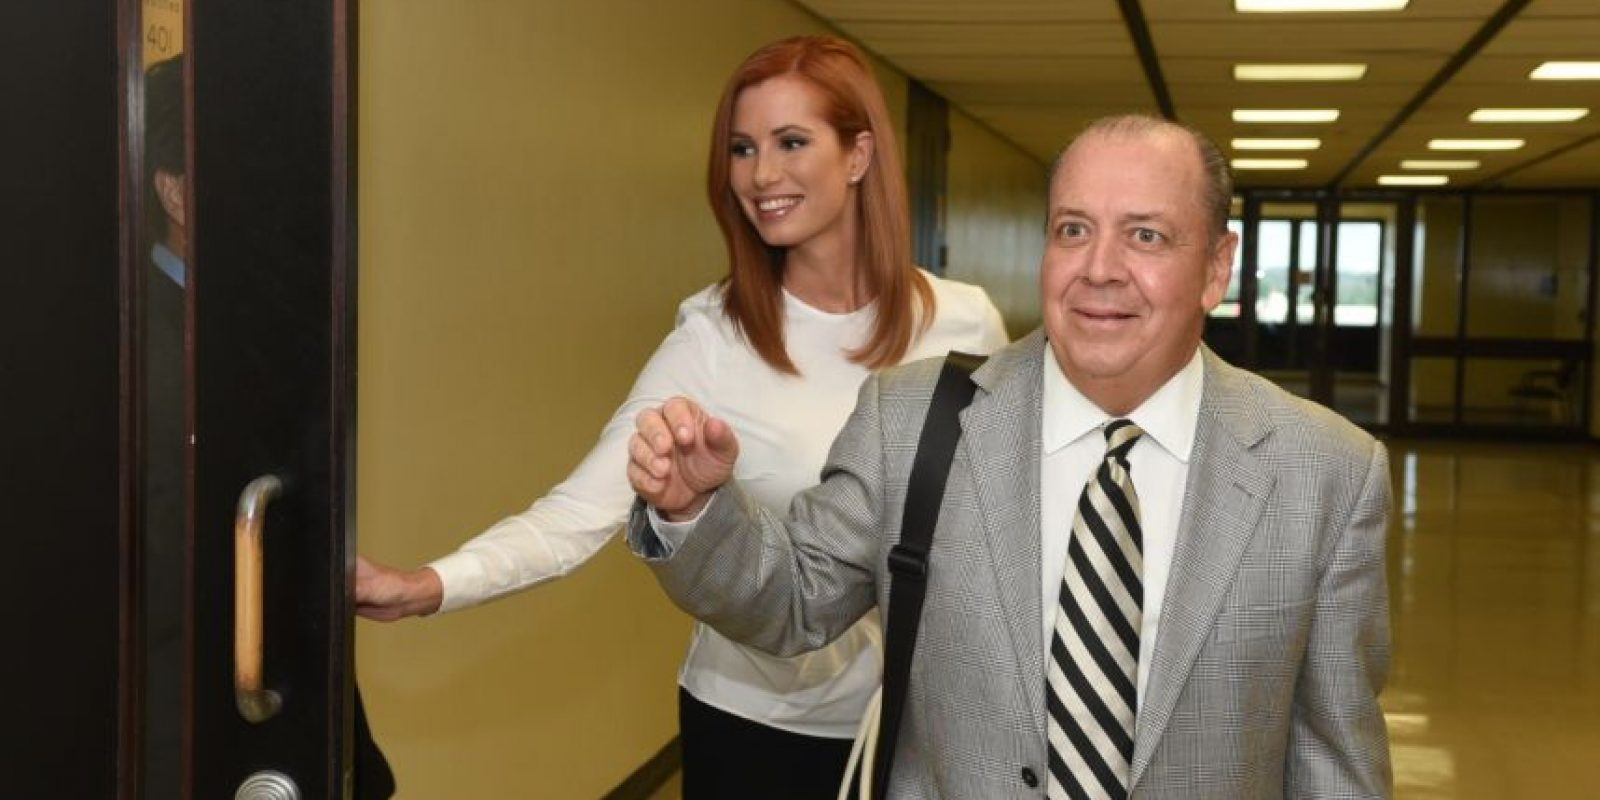 Desireé Lowry y P.R. Crown son representados por el abogado Antonio Sagardía. Foto:Dennis A. Jones/ Metro P.R./ Archivo. Imagen Por: